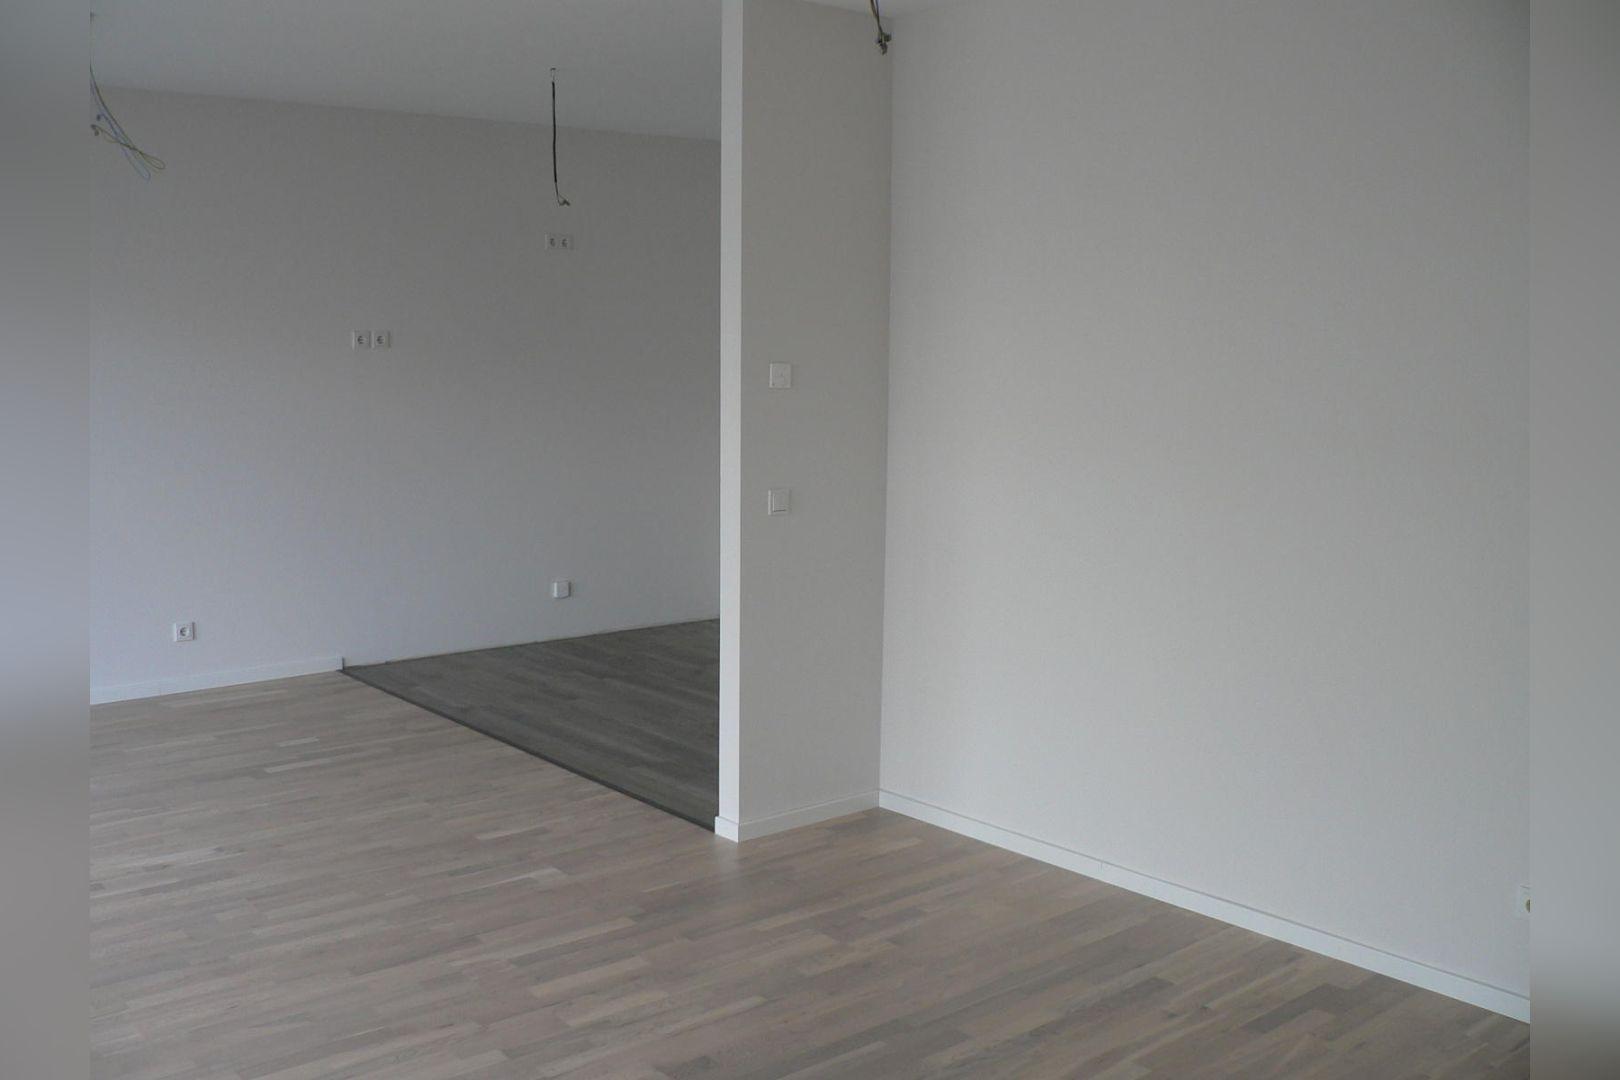 Immobilie Nr.BÖ-01.1 - BÖ-01.1; Maisonette Wohnung über EG und Sout., Garten u. Terrasse - Bild 4.jpg